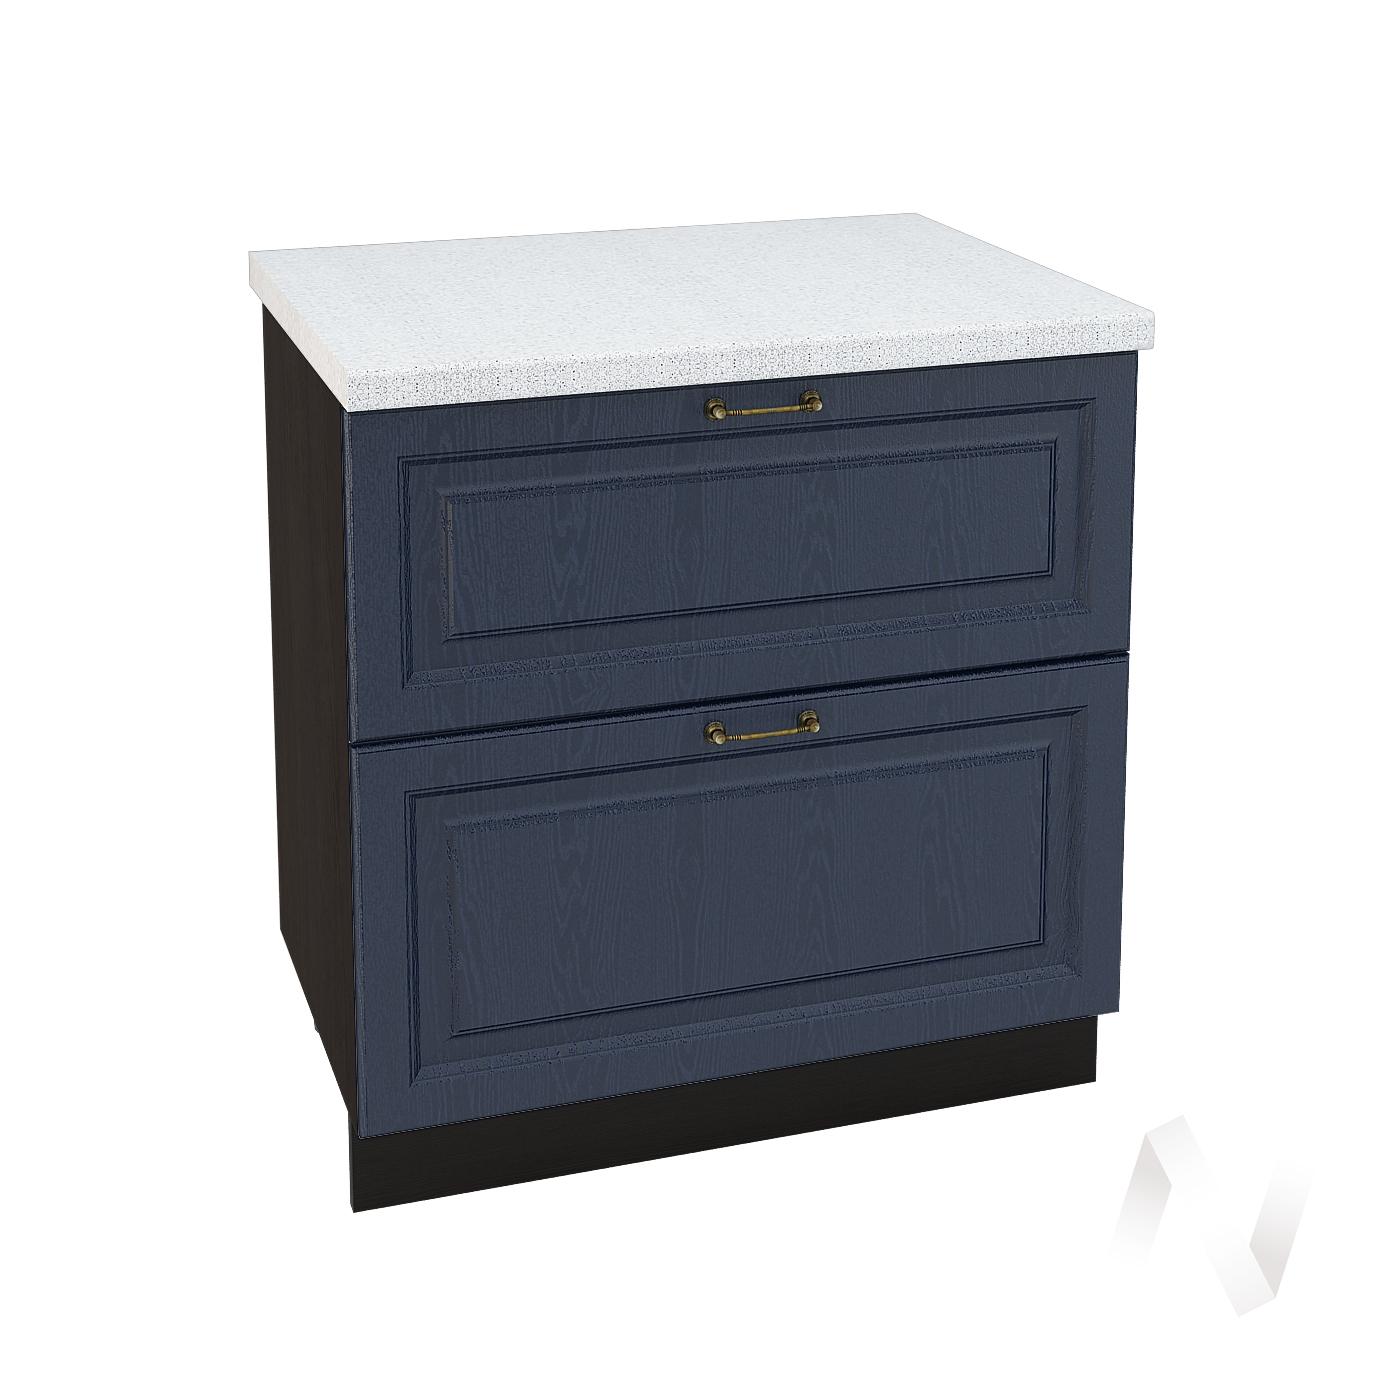 """Кухня """"Ницца"""": Шкаф нижний с 2-мя ящиками 800, ШН2Я 800 (Дуб чернильный/корпус венге)"""